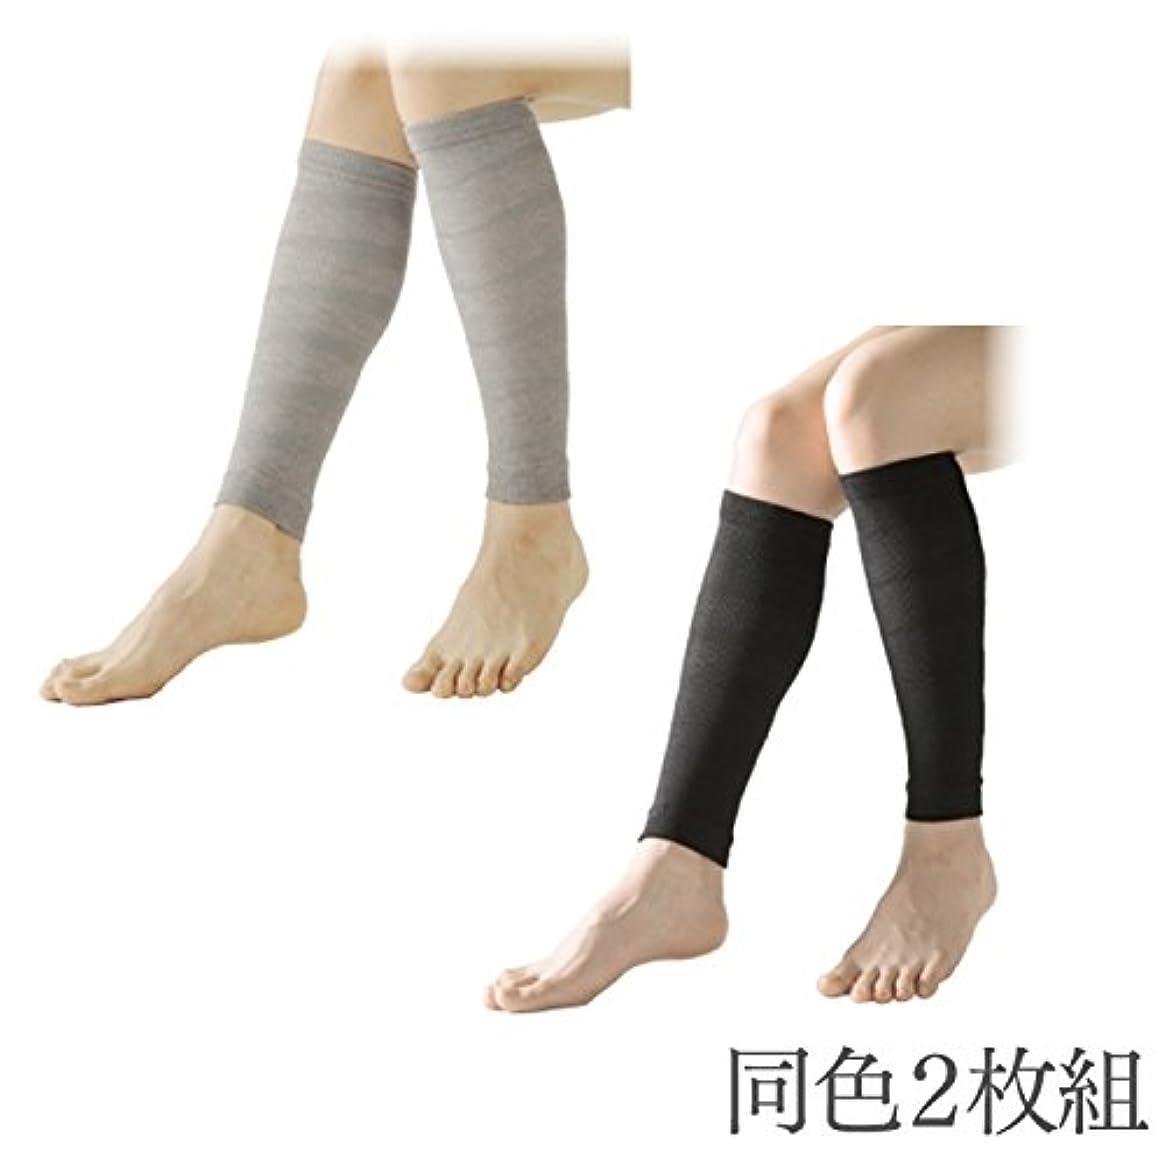 世紀福祉象着圧ソックス 足のむくみ 靴下 むくみ解消 着圧ふくらはぎサポーター 2枚組